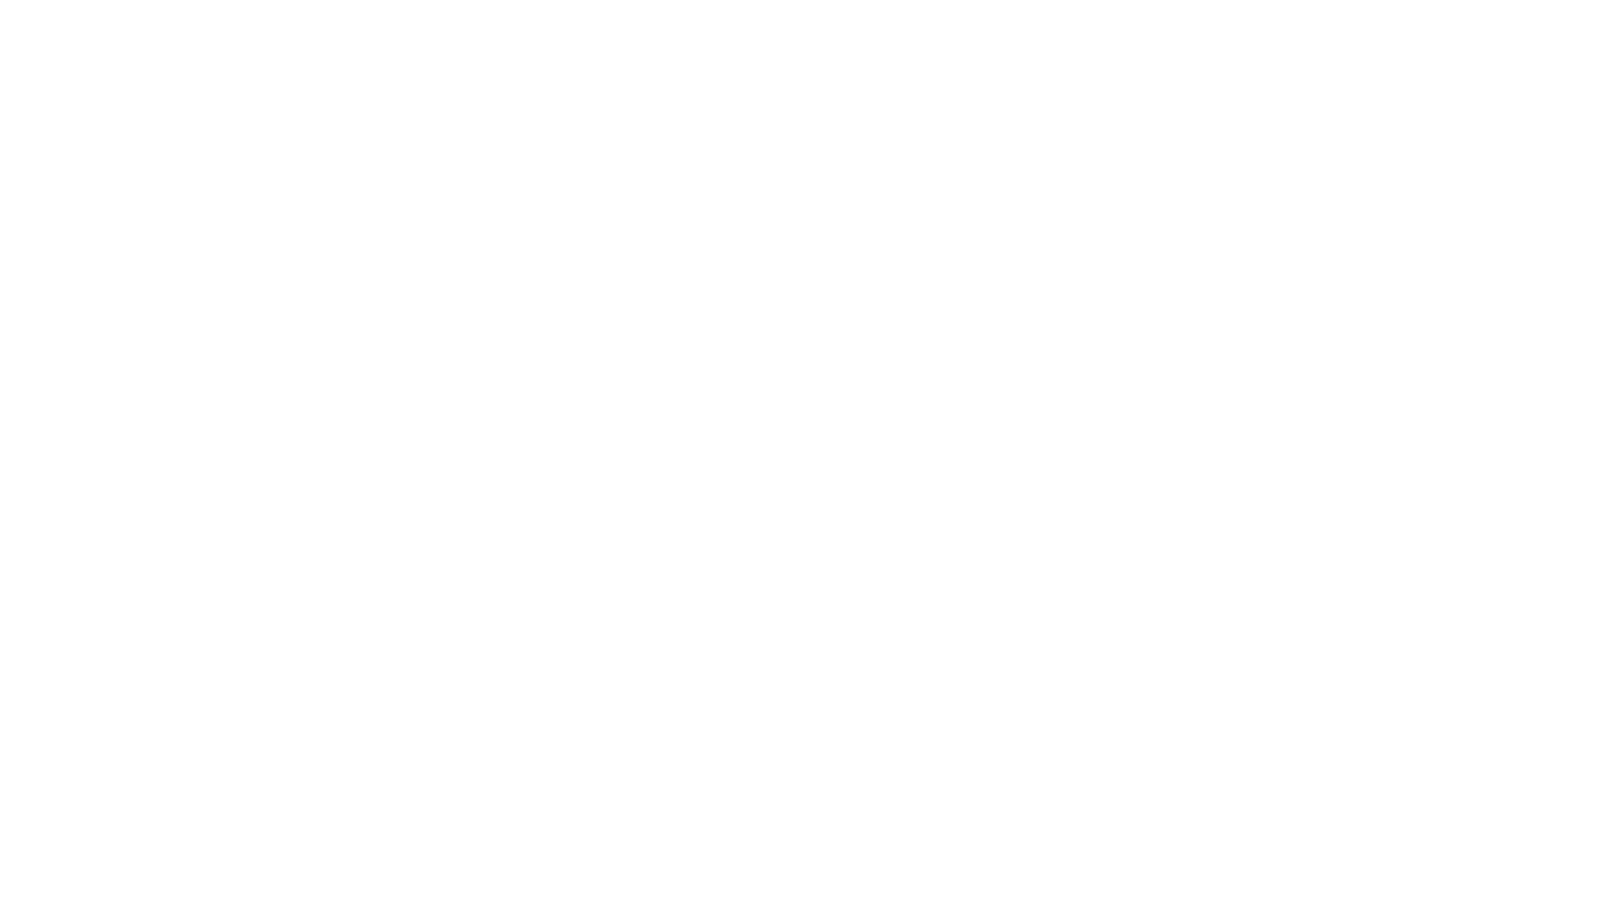 """Les Versatiles de Noël interprétés par le Corps de Musique de Saxon.  """"Rudolph  The Red Nosed Reindeer"""" un morceau de Henri Mancini arrangé par Julien Roh.  L'ensemble a décidé suite au Covid, d'effectuer trois groupes de dix musiciens pour poursuivre notre activité musicale; ceci dans le but de remplacer le concert de Noël.   Ces morceaux seront publiés  par série de trois, les dimanches 13-20-27 décembre 2020.  Série du 13.12.2020 :  Groupe1; https://youtu.be/G61wfnlIQ2M Groupe2; https://youtu.be/a6ajeN_83Wk Groupe3;  https://youtu.be/0X7O4n44tKM  Enregistré le 09.12.2020 par le groupe 2 à l'abri PC de Saxon.  Directeur : Julien Pralong  Production: Sacha Cottier  Toute utilisation, reproduction sans les droits du corps de musique saxon est fortement interdite. ©2020 Corps de Musique de Saxon tous droits réservés."""